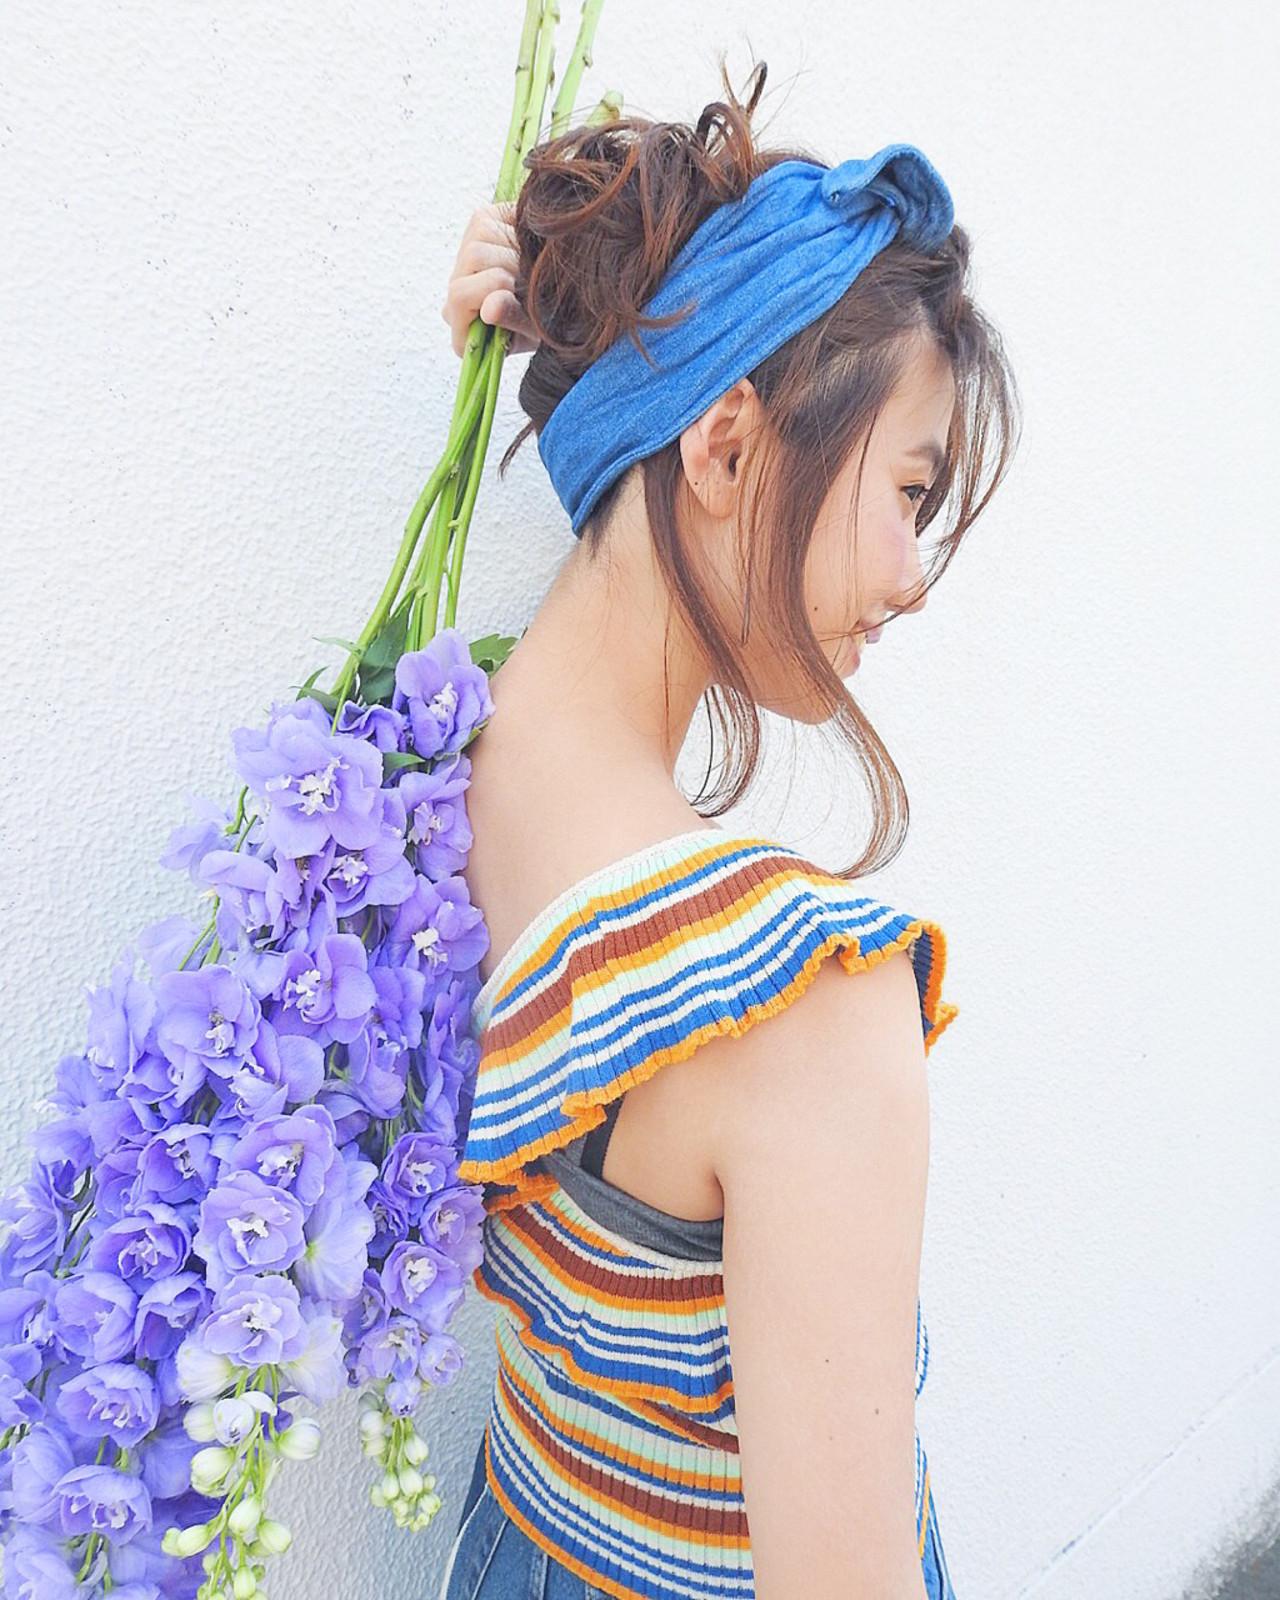 リラックスなミディアムの簡単アレンジヘア3 竹村 春香 | 自由が丘 Hair Salon pele